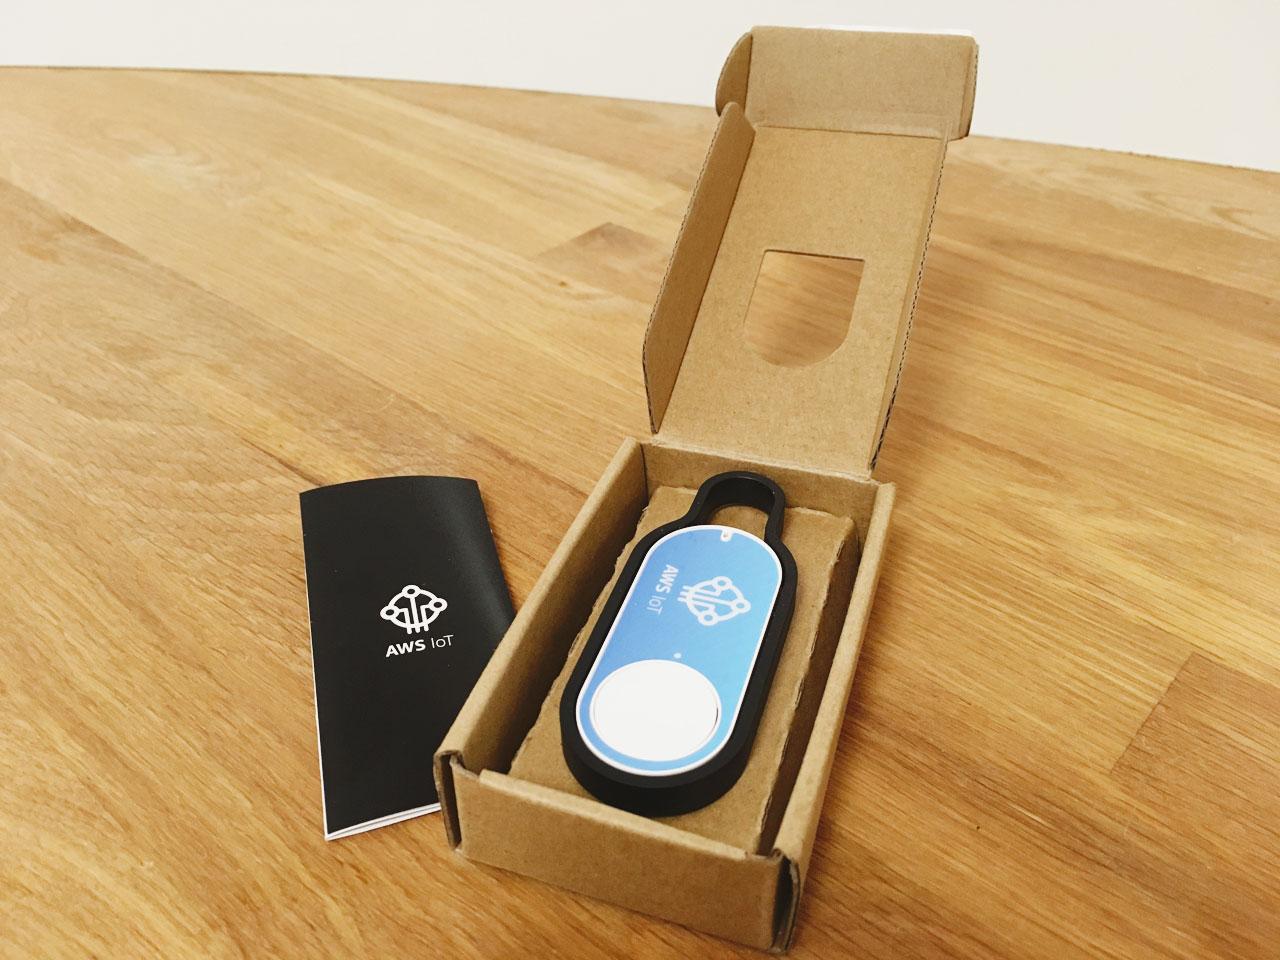 Amazon's IoT Button